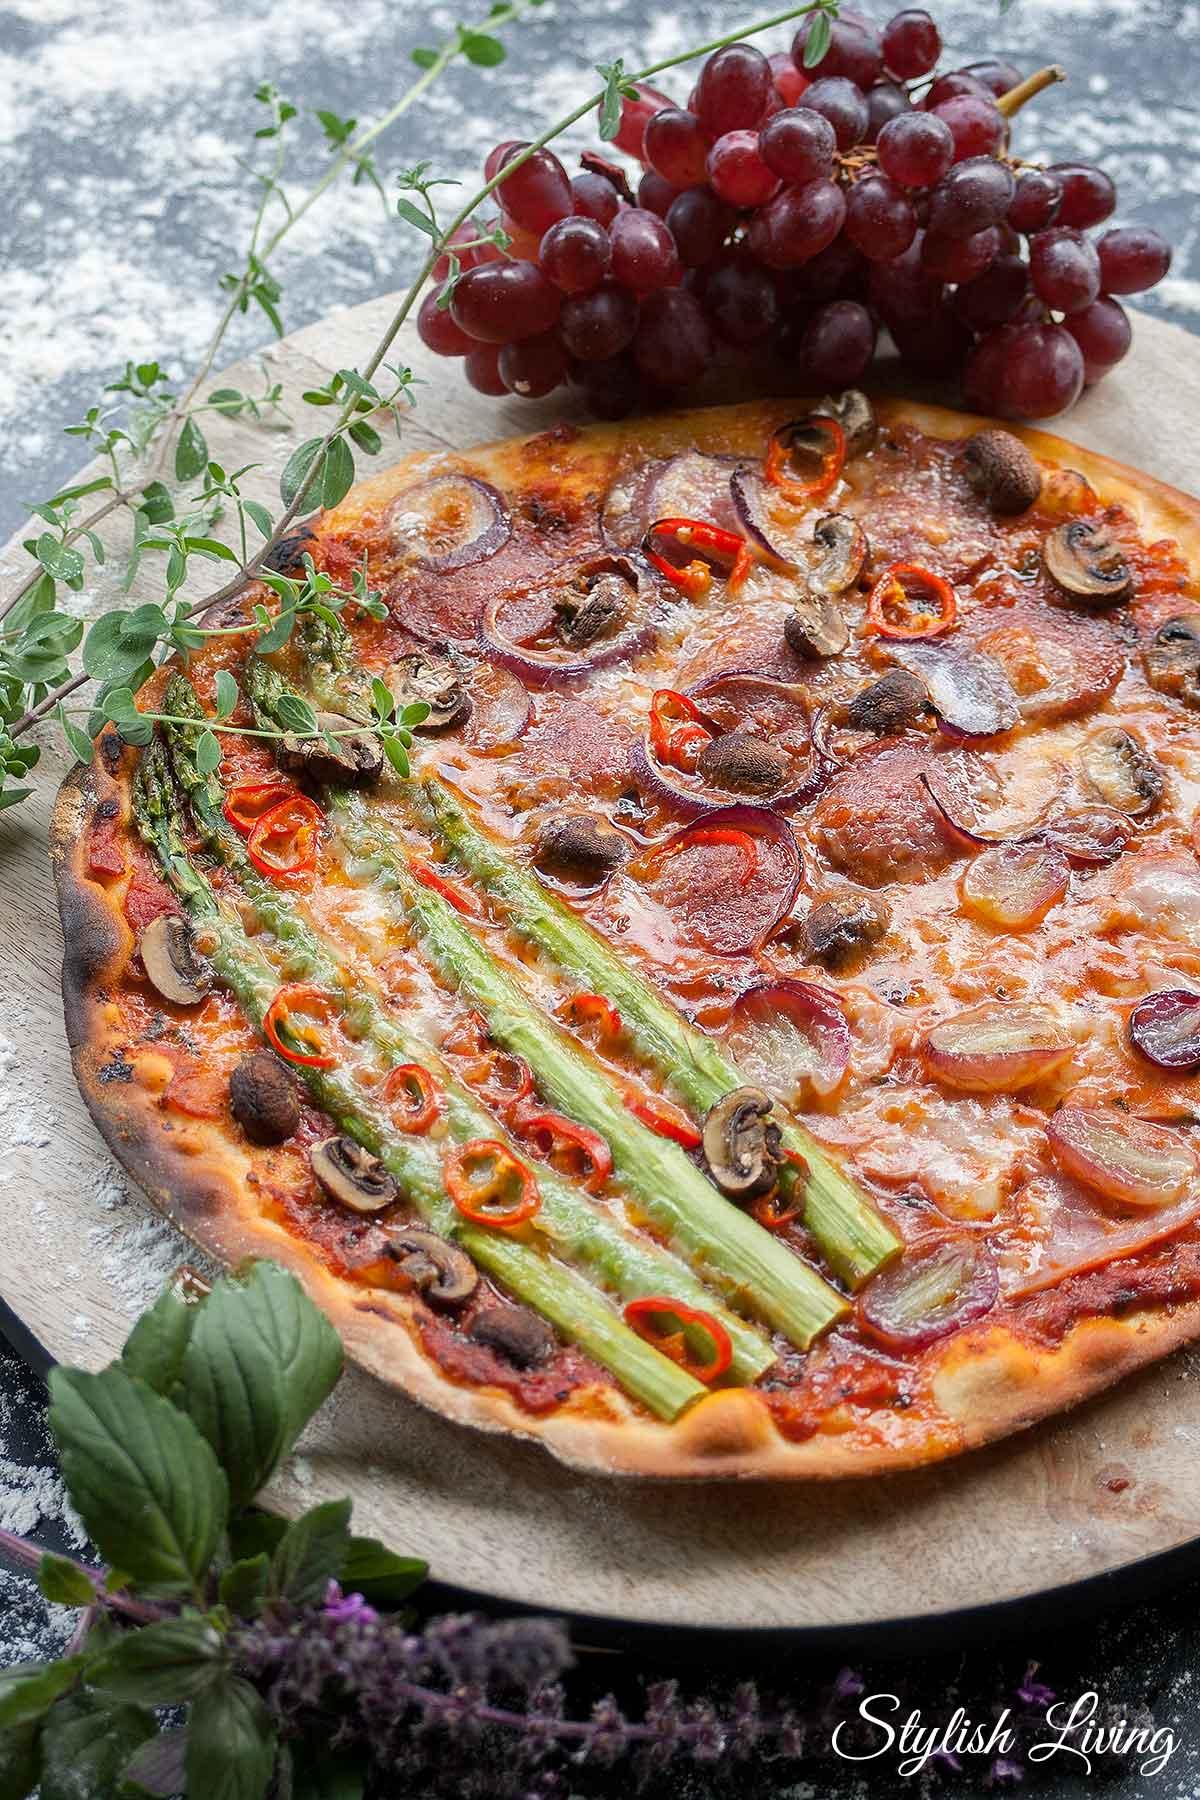 Pizza mit Salami, Schinken, Champignons, Weintrauben, Spargel